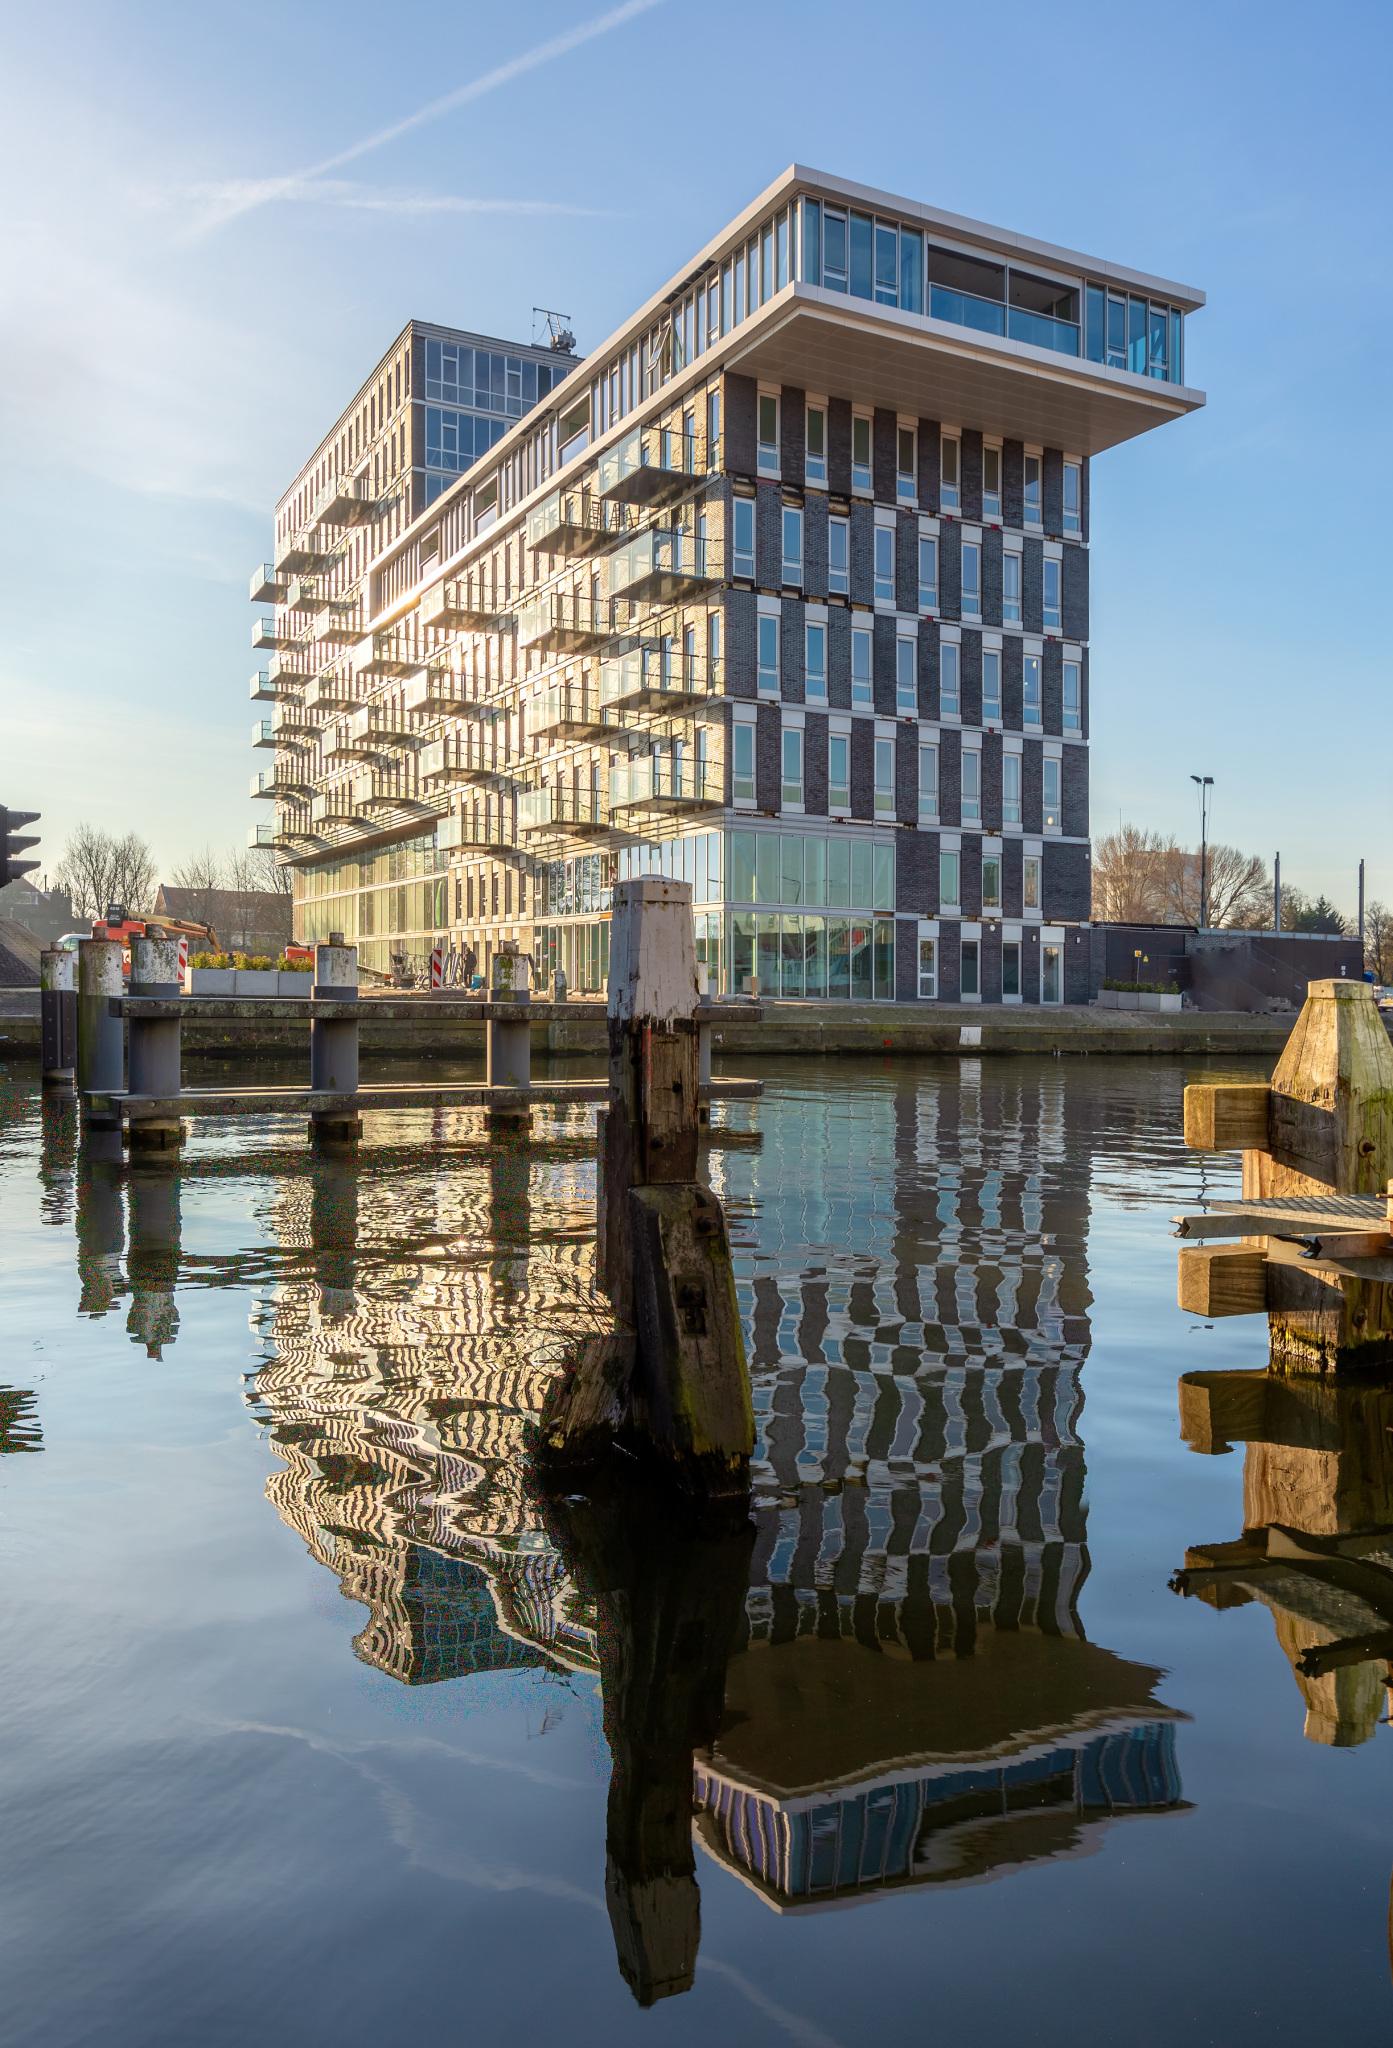 <p>Appartementengebouw De Binck. Beeld Jimmy Thepass, Aveq Creatieve Producties</p>